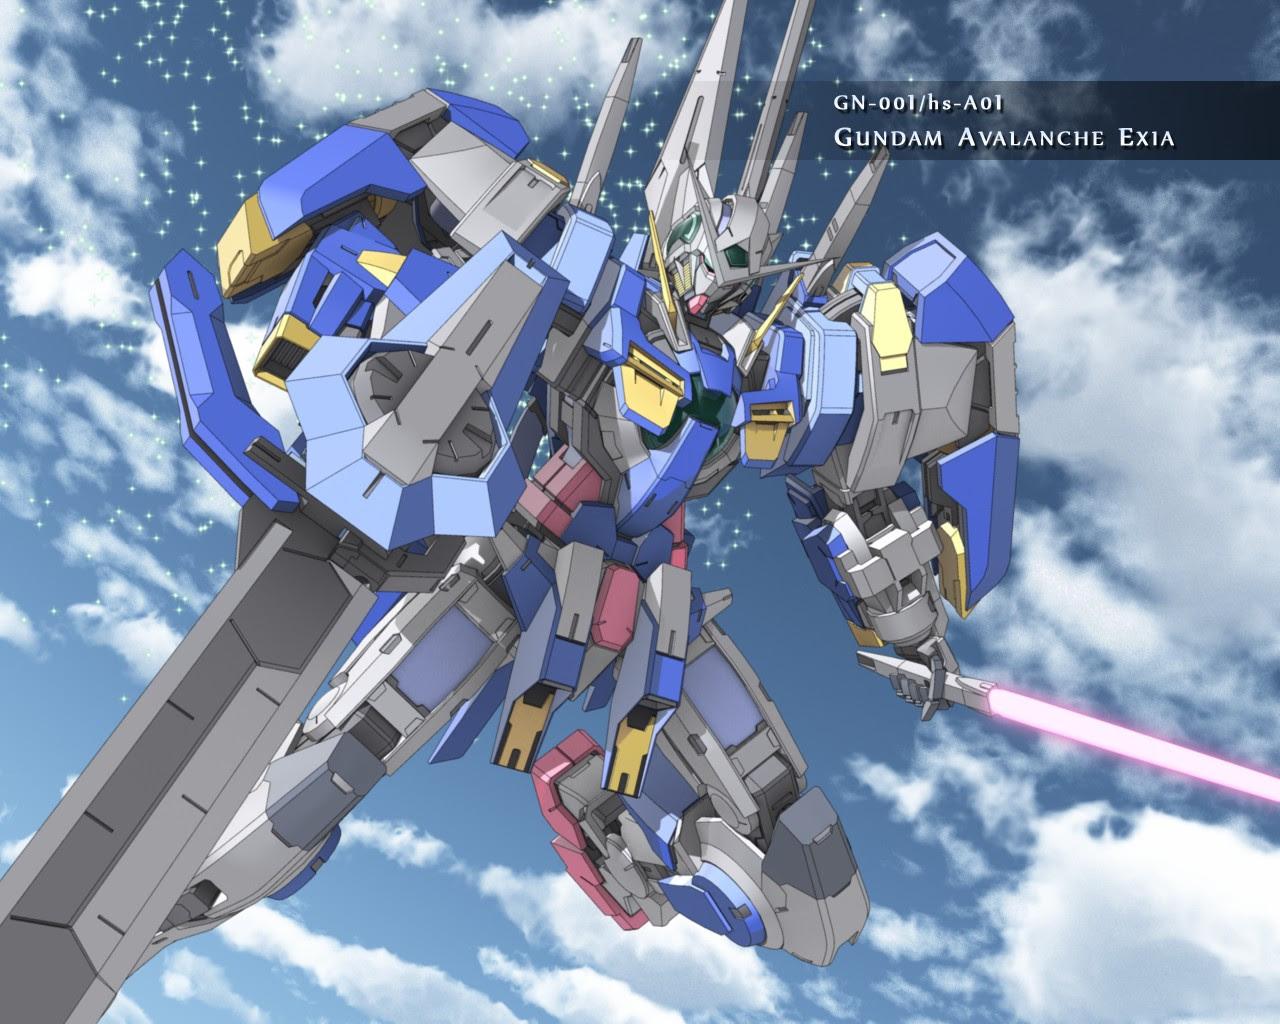 Gundam Avalanche Exia Gundam Wallpaper 25015972 Fanpop